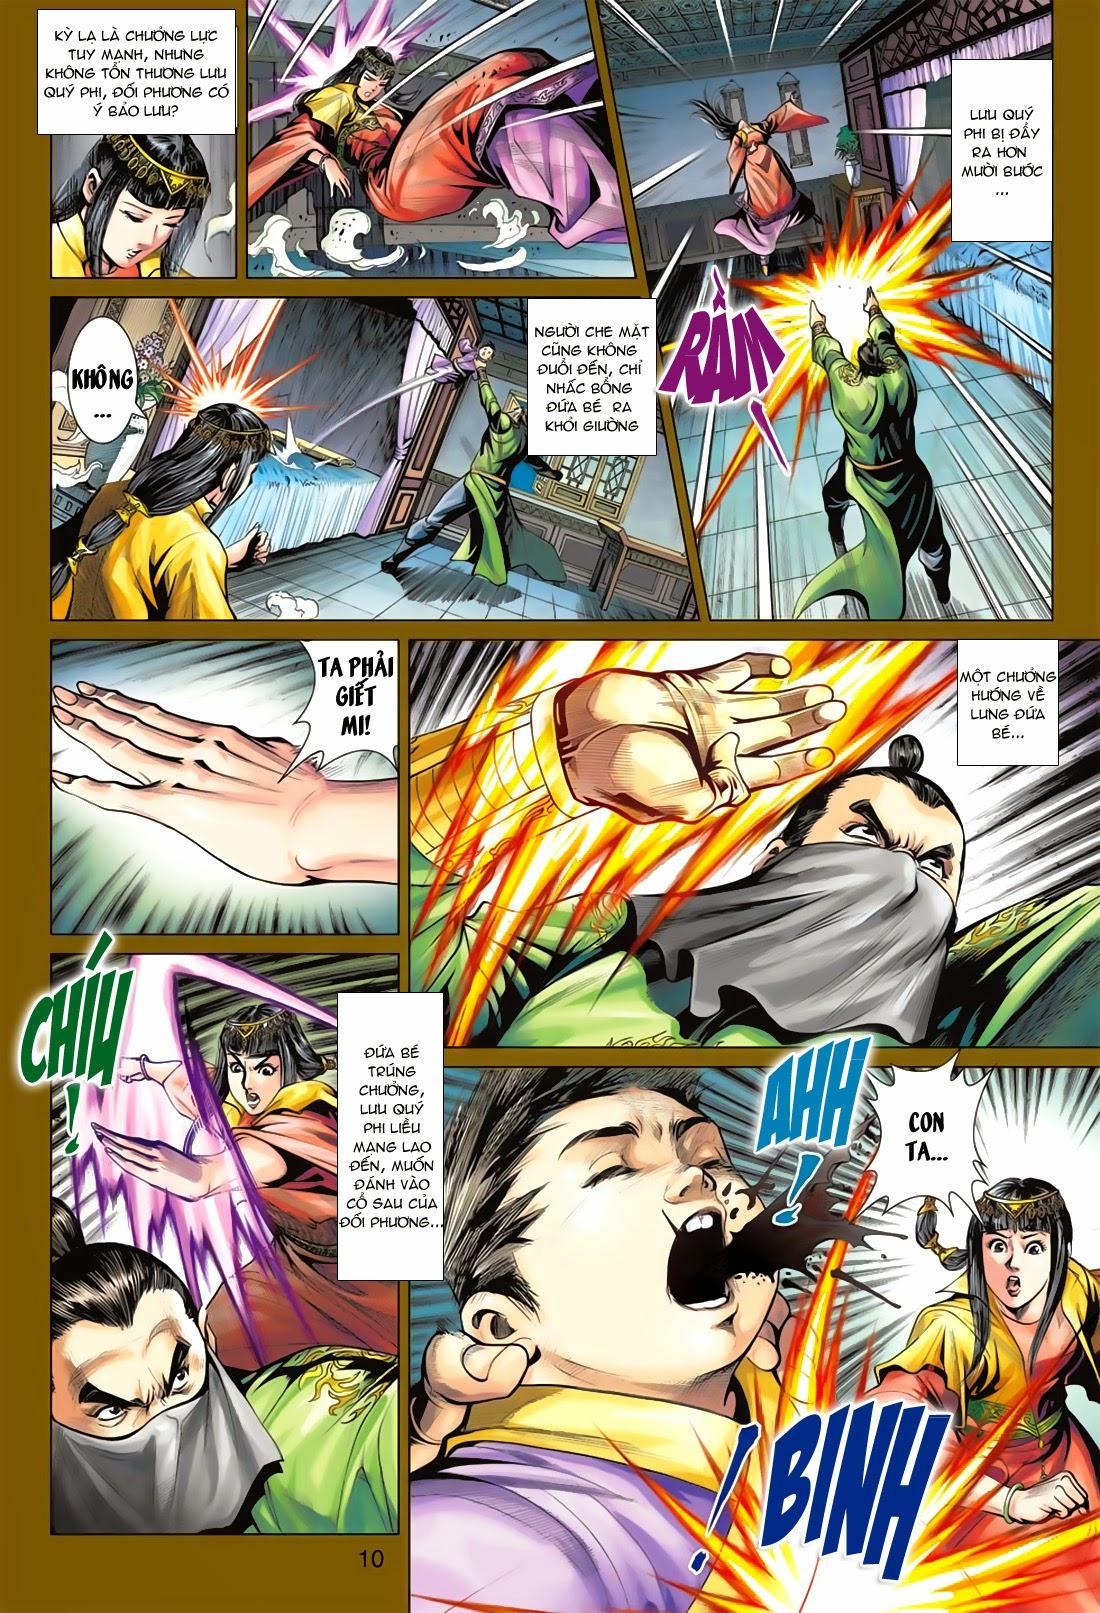 Anh Hùng Xạ Điêu anh hùng xạ đêu chap 78: sát anh trang 10